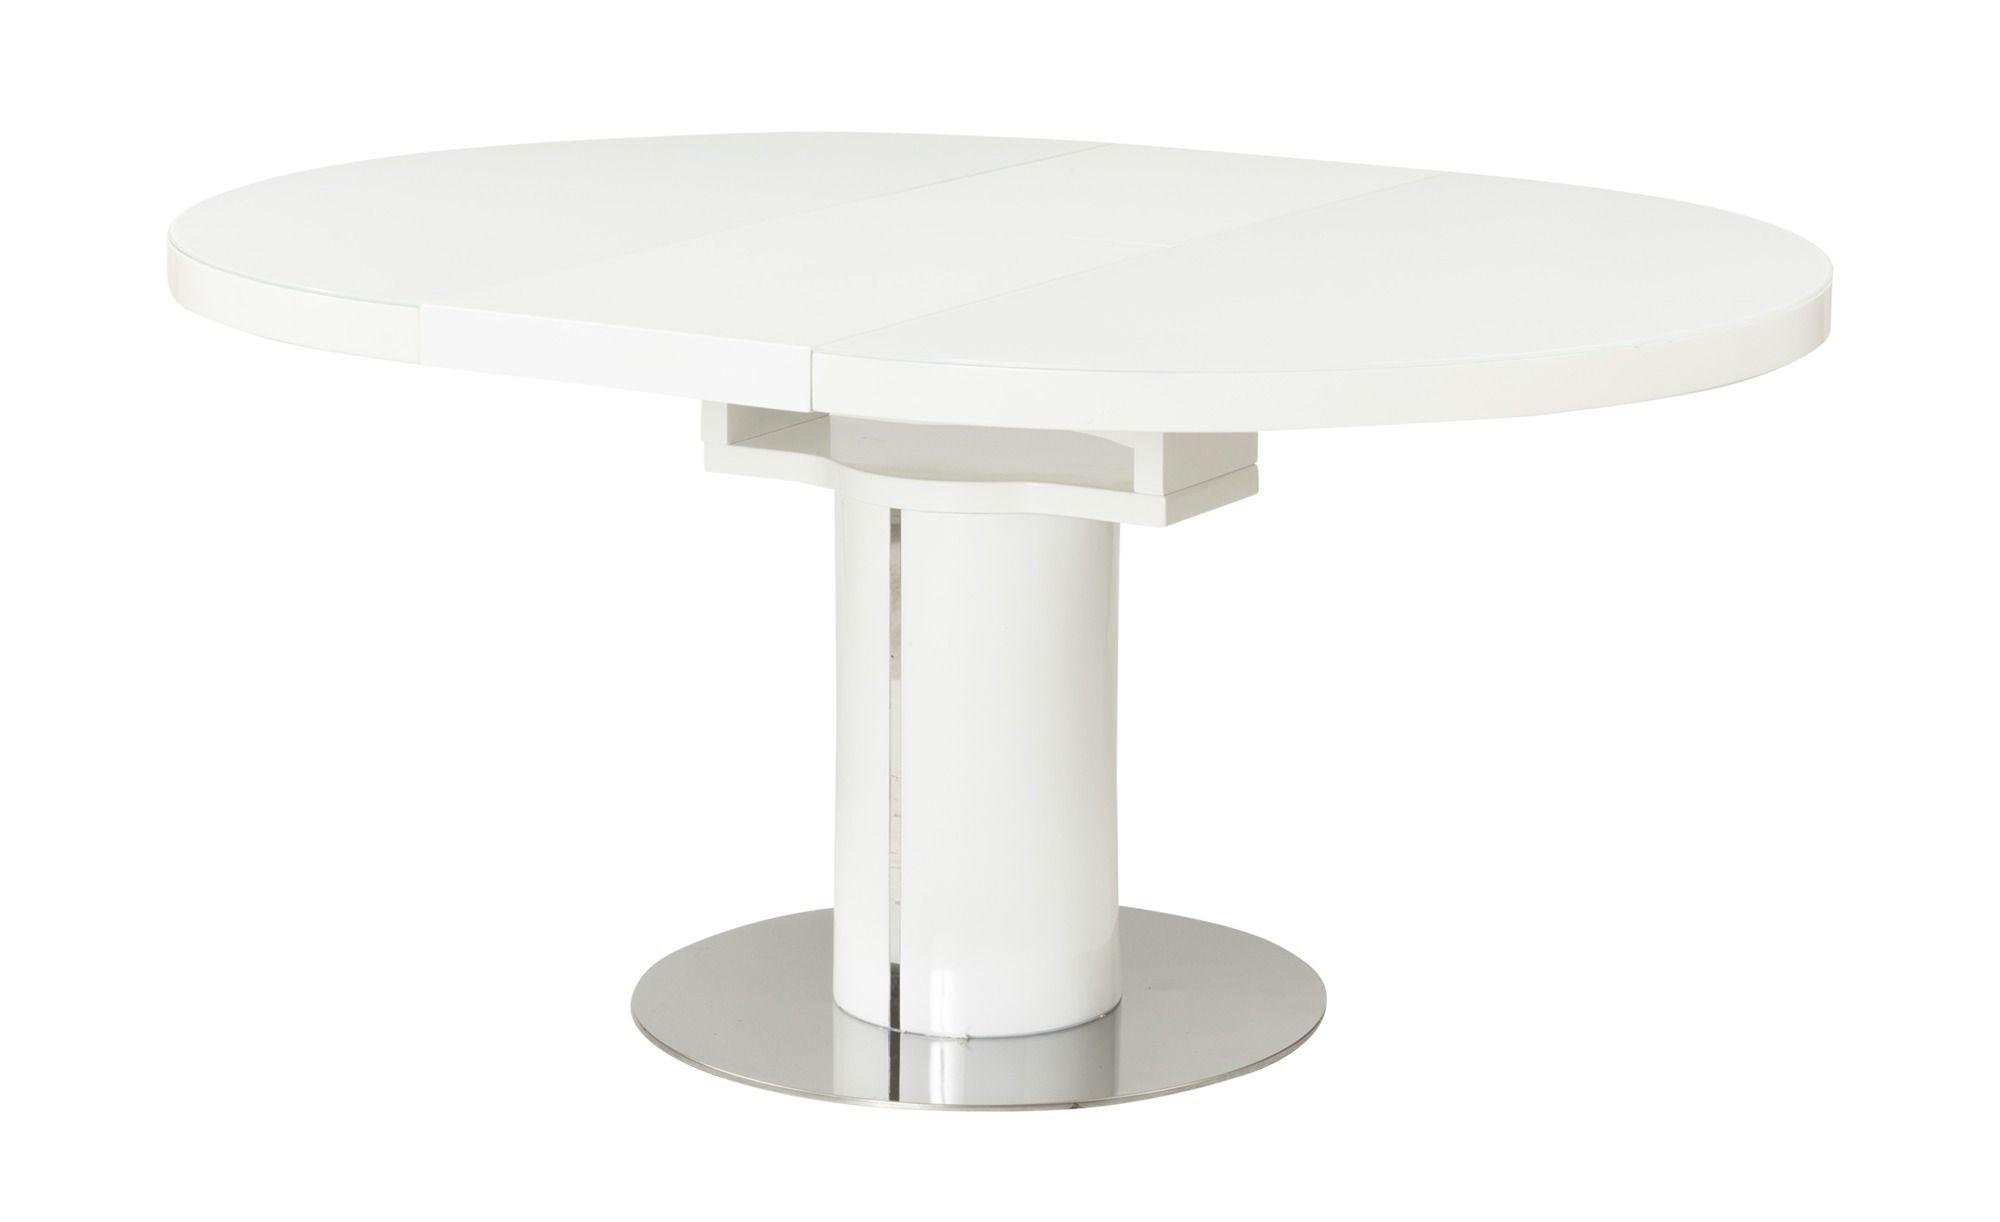 Esstisch Oval Ausziehbar Weiß